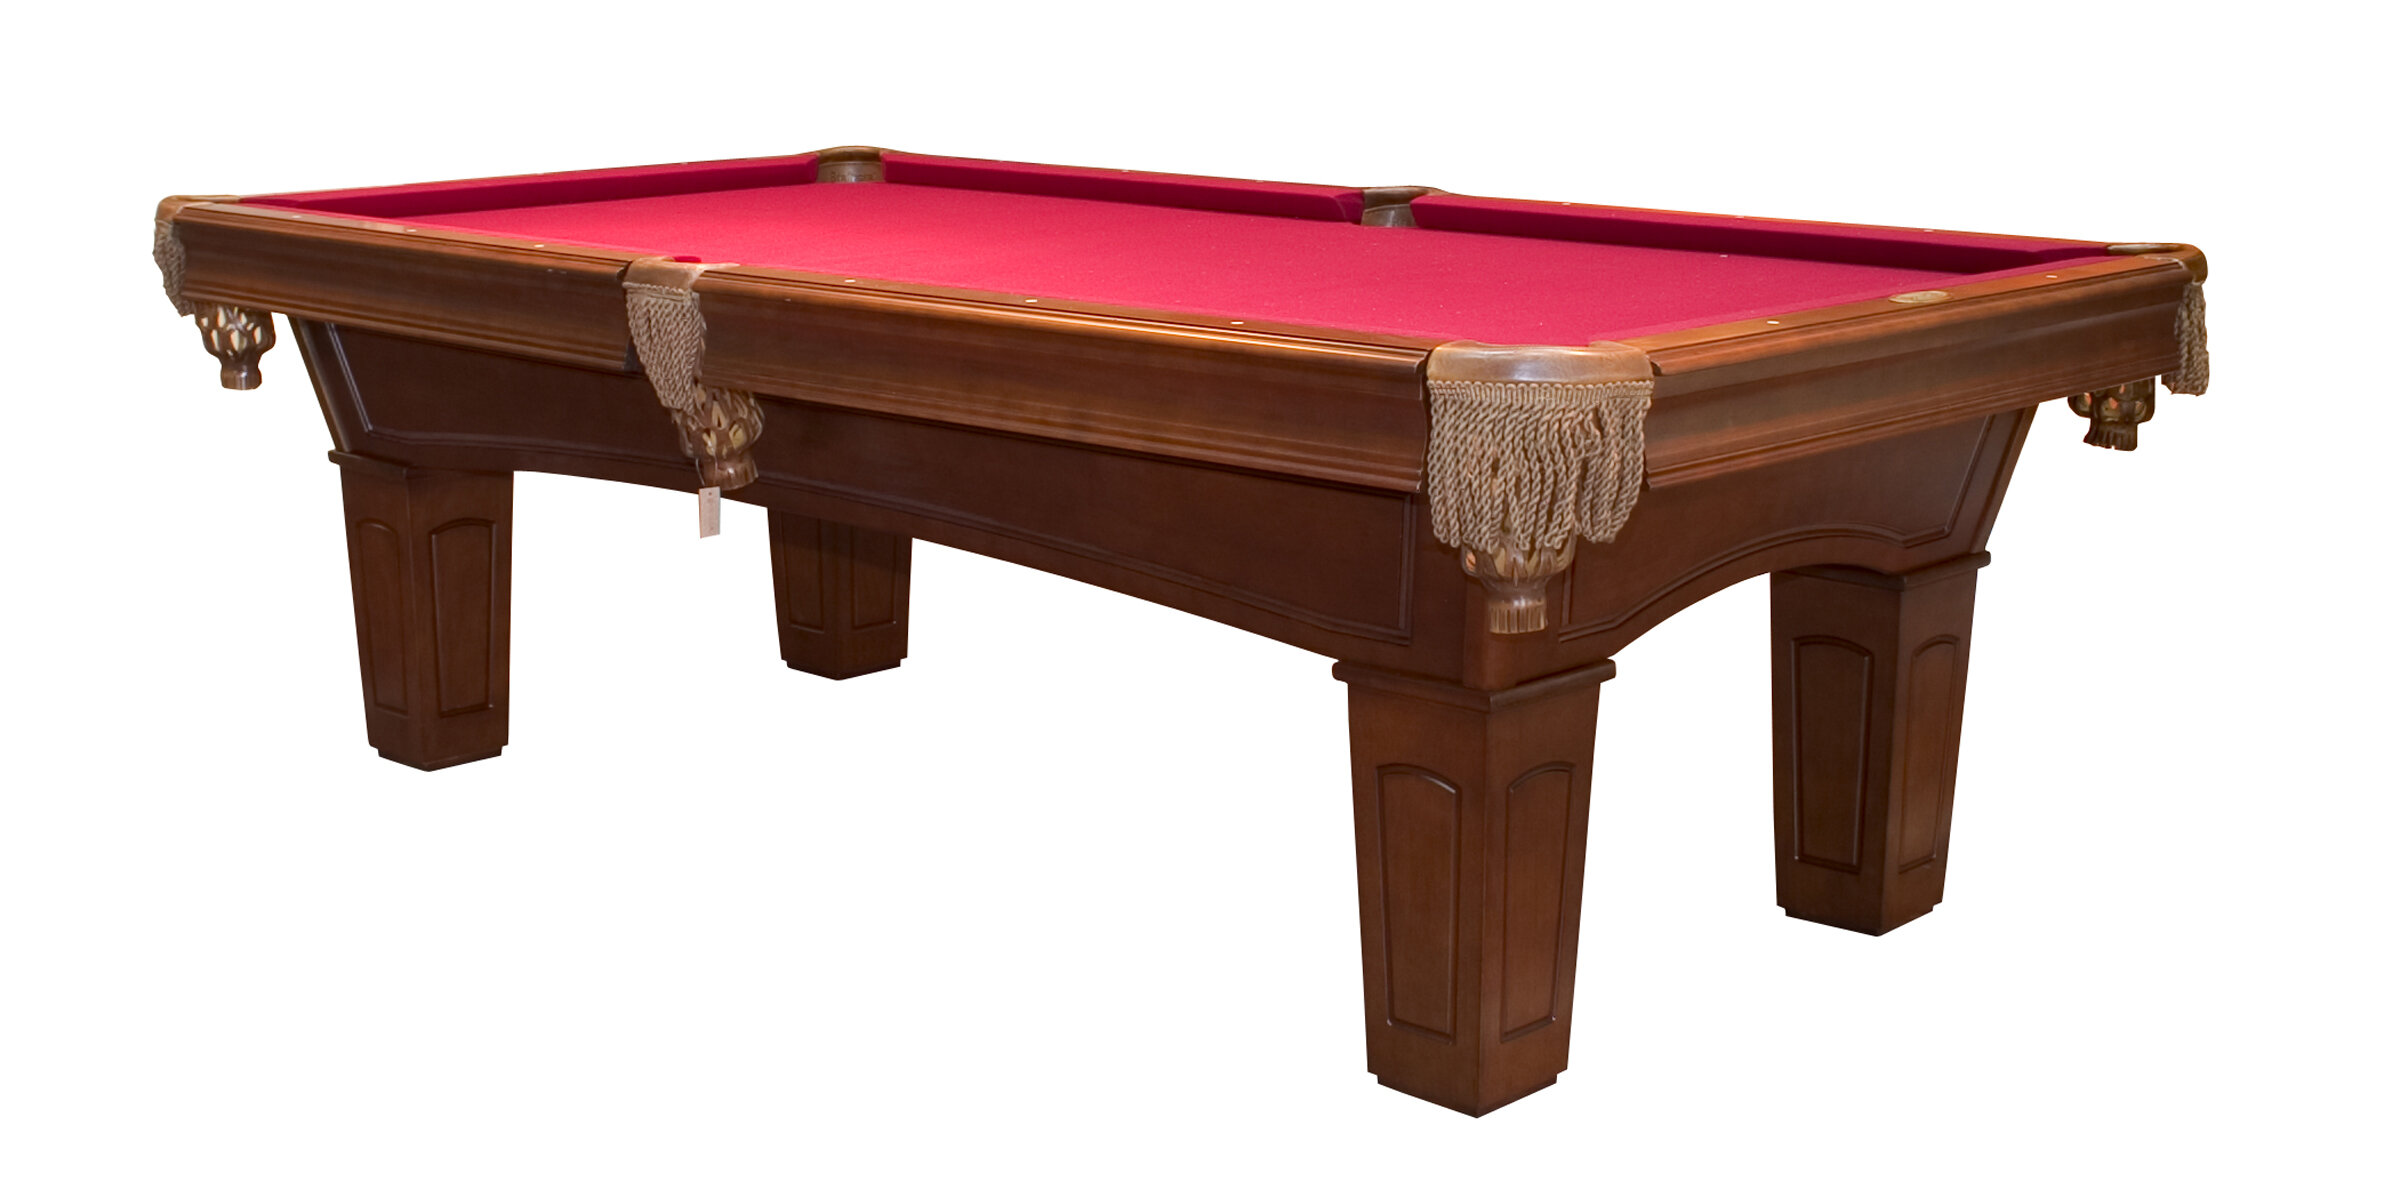 Superieur Beringer Sierra 8u0027 Pool Table | Wayfair